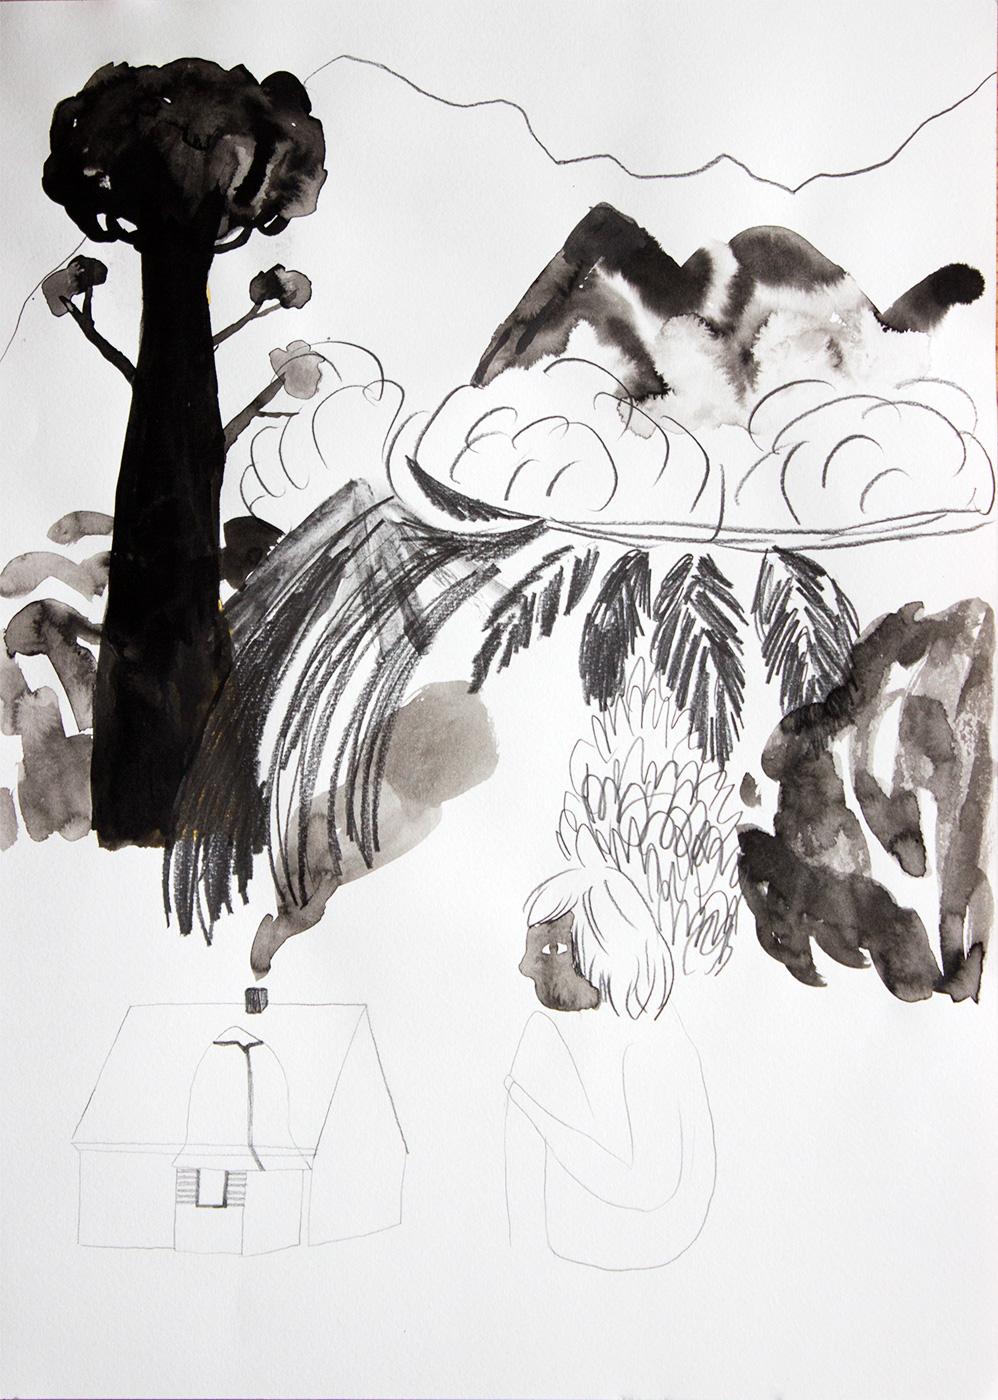 tegninger, figurative, geometriske, landskab, portræt, arkitektur, botanik, natur, sorte, grå, hvide, artliner, kul, akvarel, bygninger, dekorative, blomster, interiør, bolig-indretning, sceneri, træer, Køb original kunst og kunstplakater. Malerier, tegninger, limited edition kunsttryk & plakater af dygtige kunstnere.